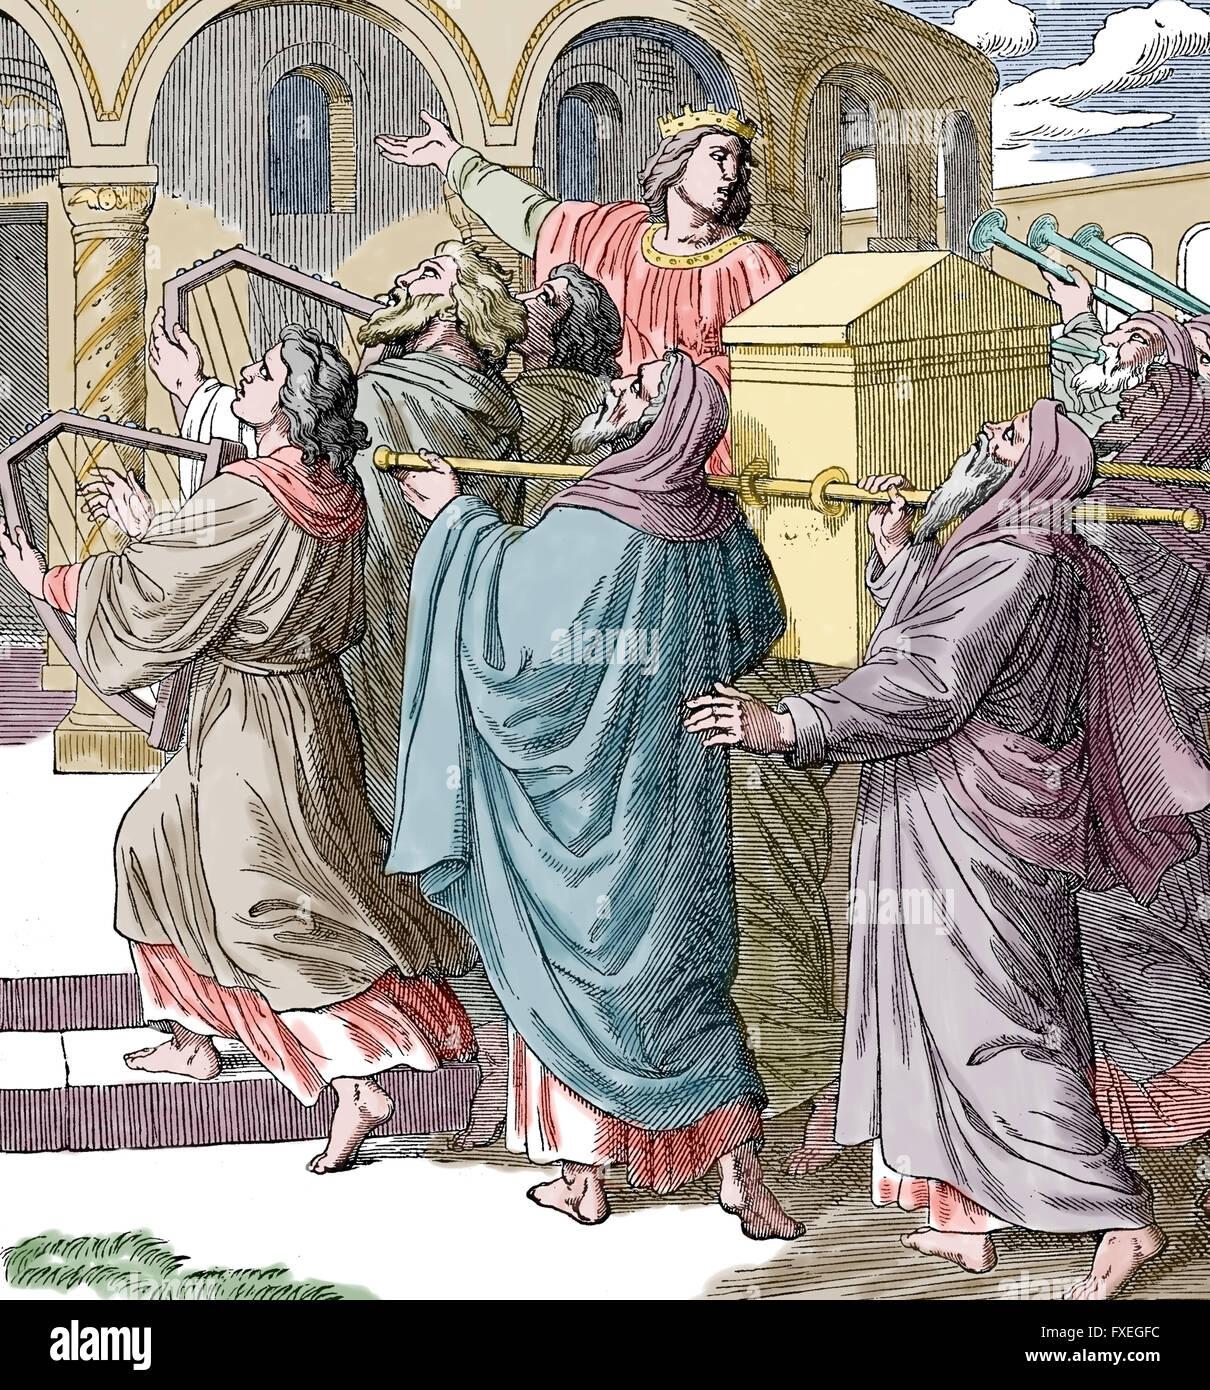 Il Vecchio Testamento. L'Arca portato dal Levita Sacerdote di Re Salomone Tempio. Incisione, colore. Immagini Stock